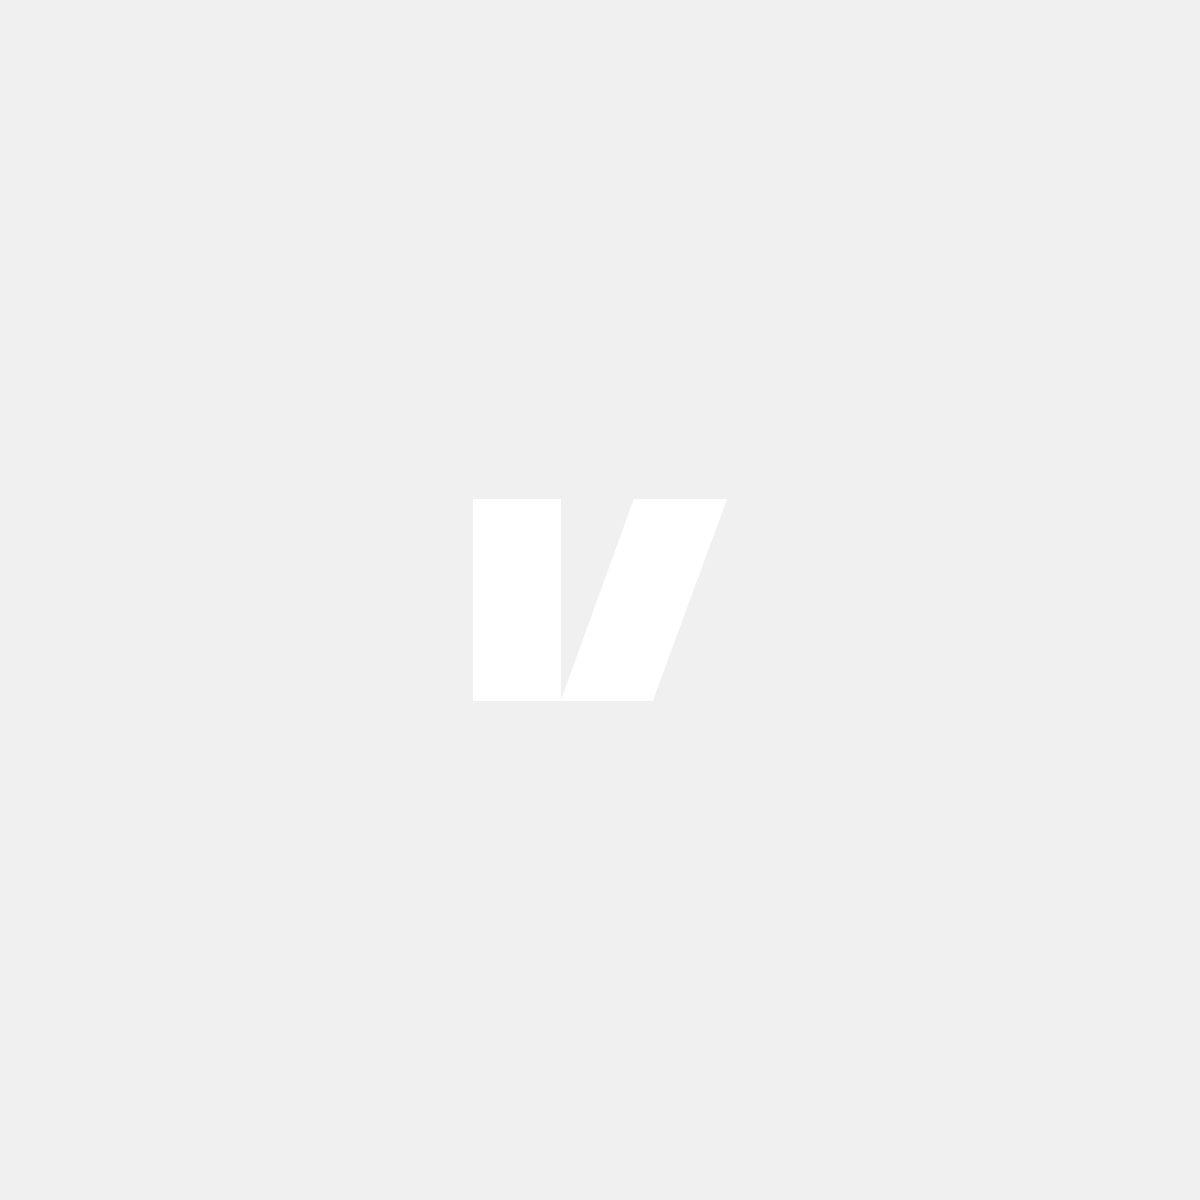 USA-blinkers till Volvo S70, V70, C70, kromad stylingmodell